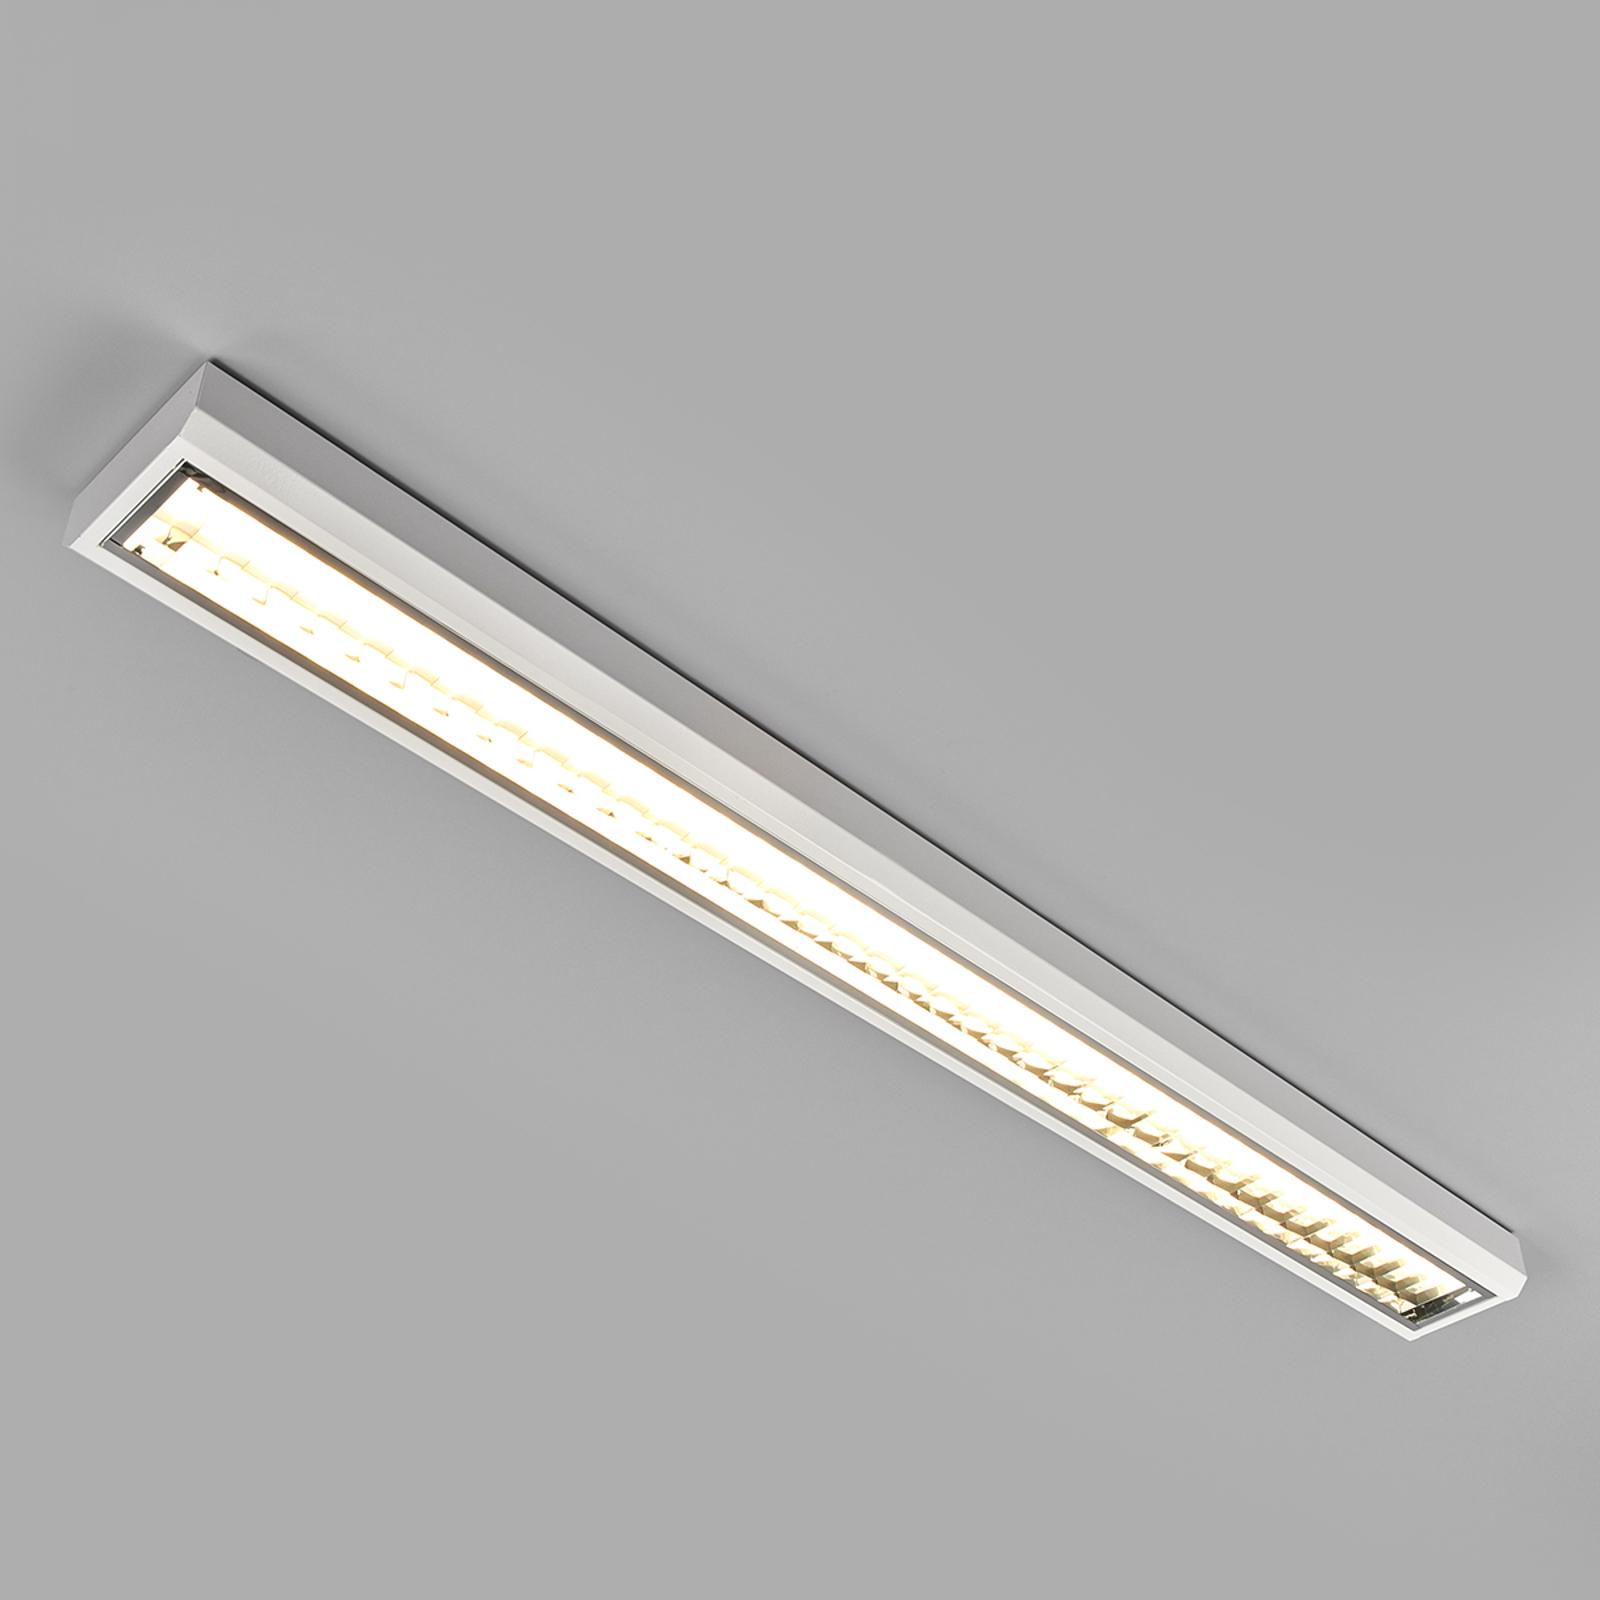 LED-rasterivalaisin toimistoihin, 33 W, 4000 K